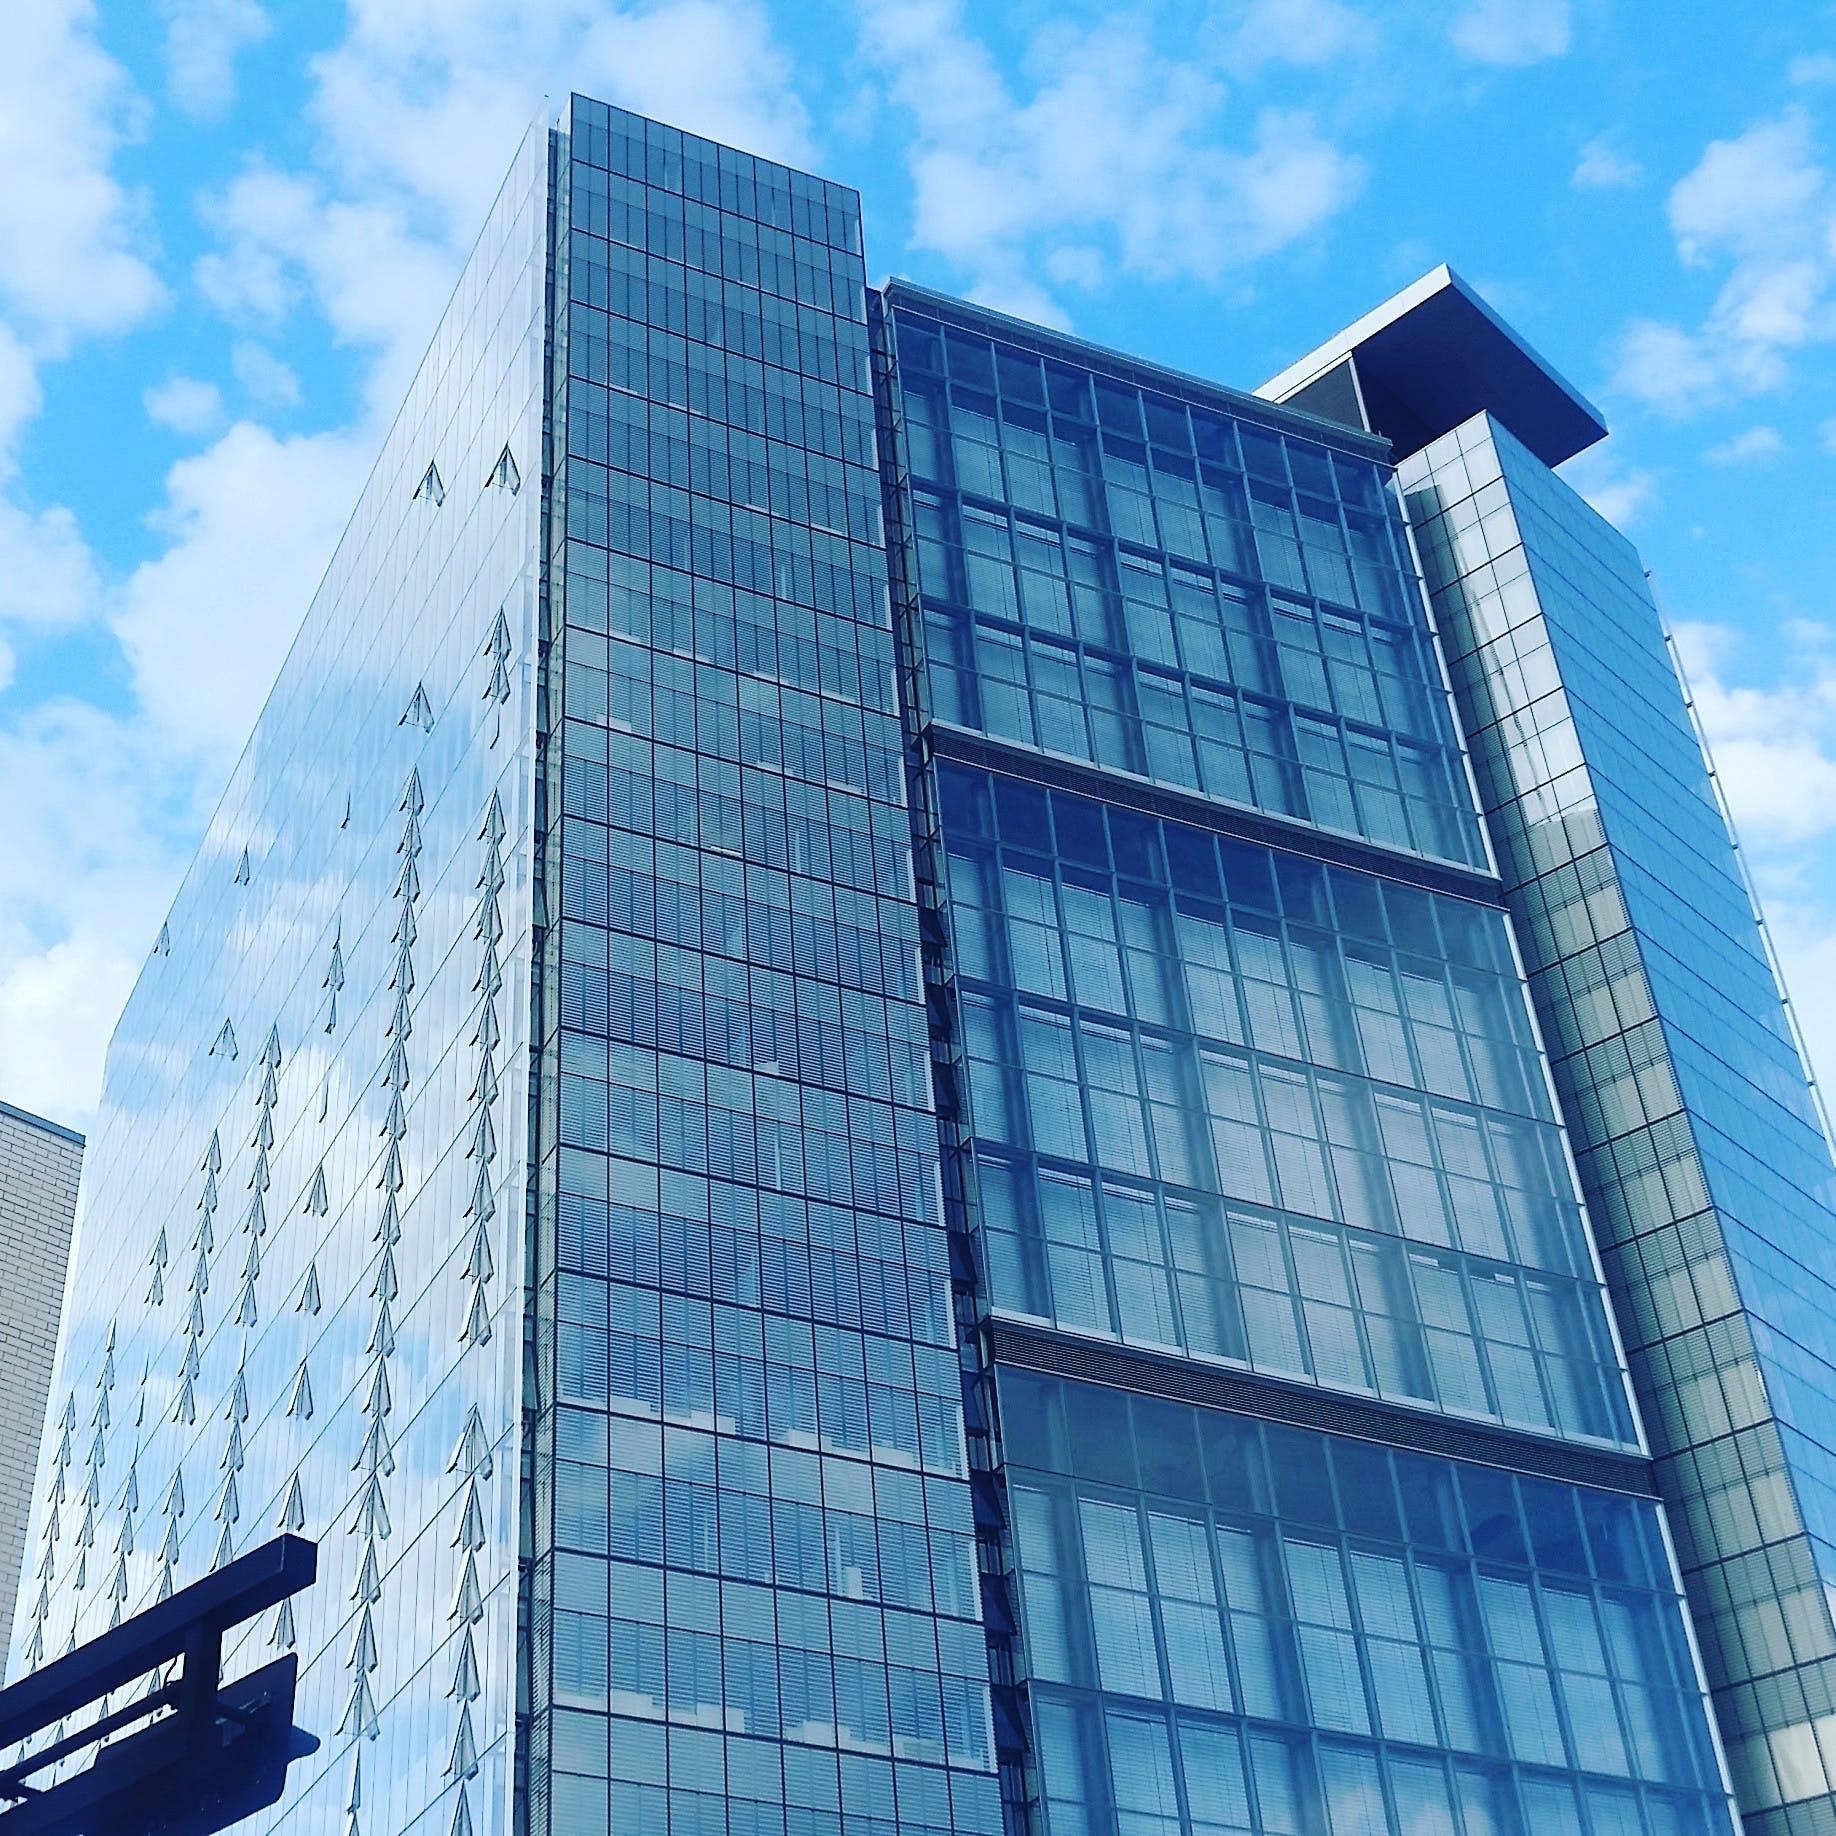 ガラス, ガラス窓, コンテンポラリー, シティの無料の写真素材